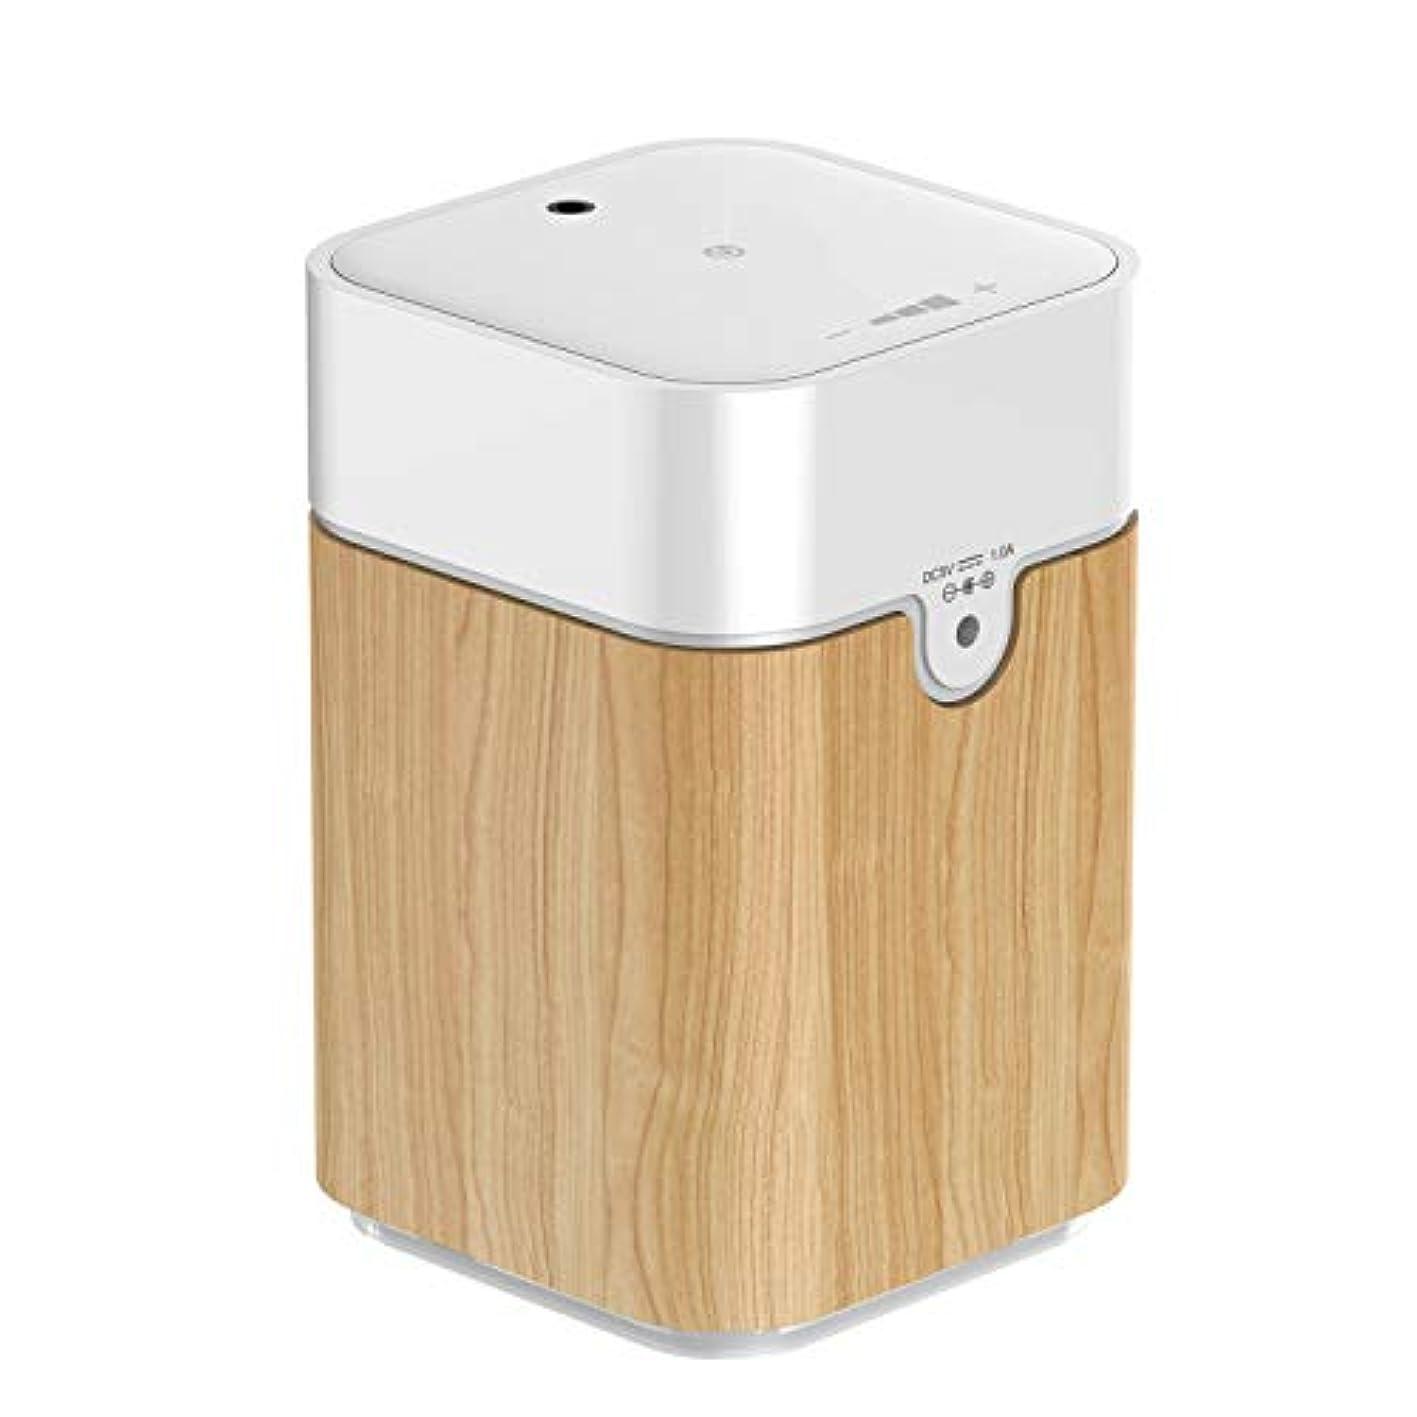 体細胞手荷物価値アロマディフューザー アロマオイル ネブライザー式充電式で静か アロマバーナー ヨガ室 ホテル 店舗 広く使用されている アロマライト S082W